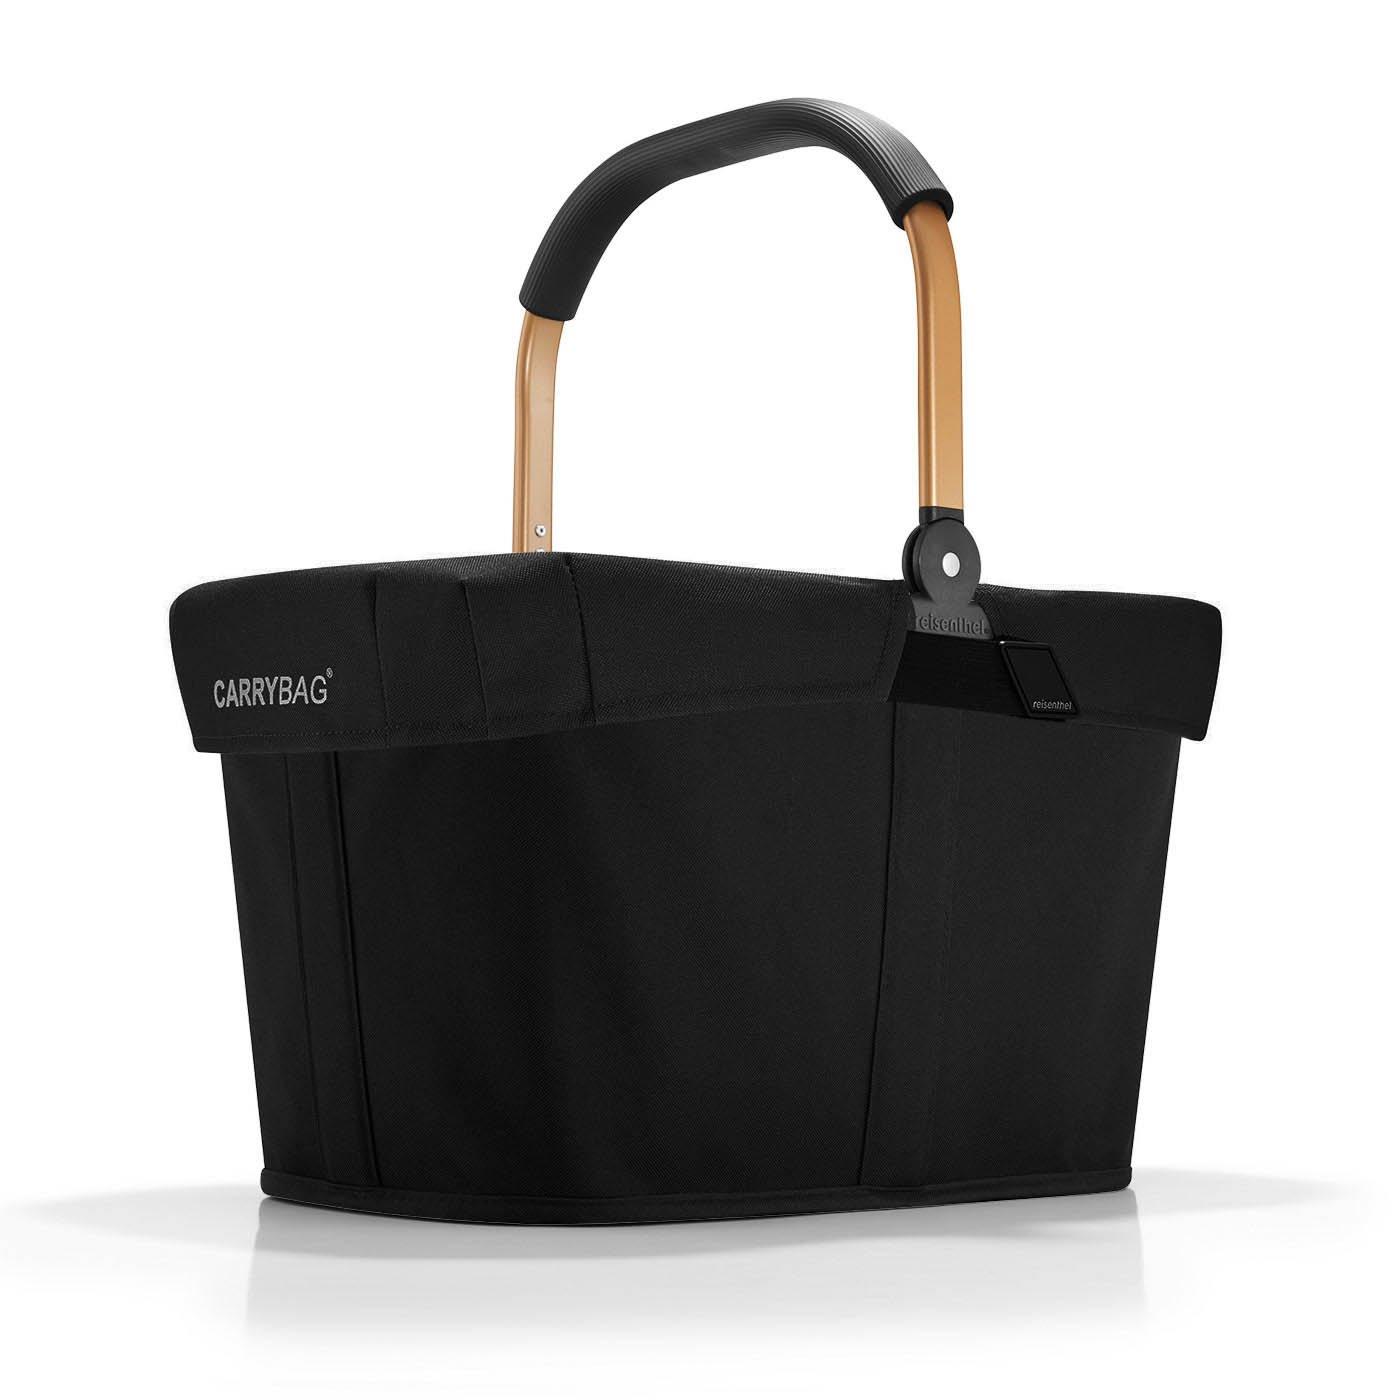 reisenthel carrybag Frame Gold Henkel Einkaufskorb + Cover Abdeckung schwarz REISENTHEL ACCESSOIRES